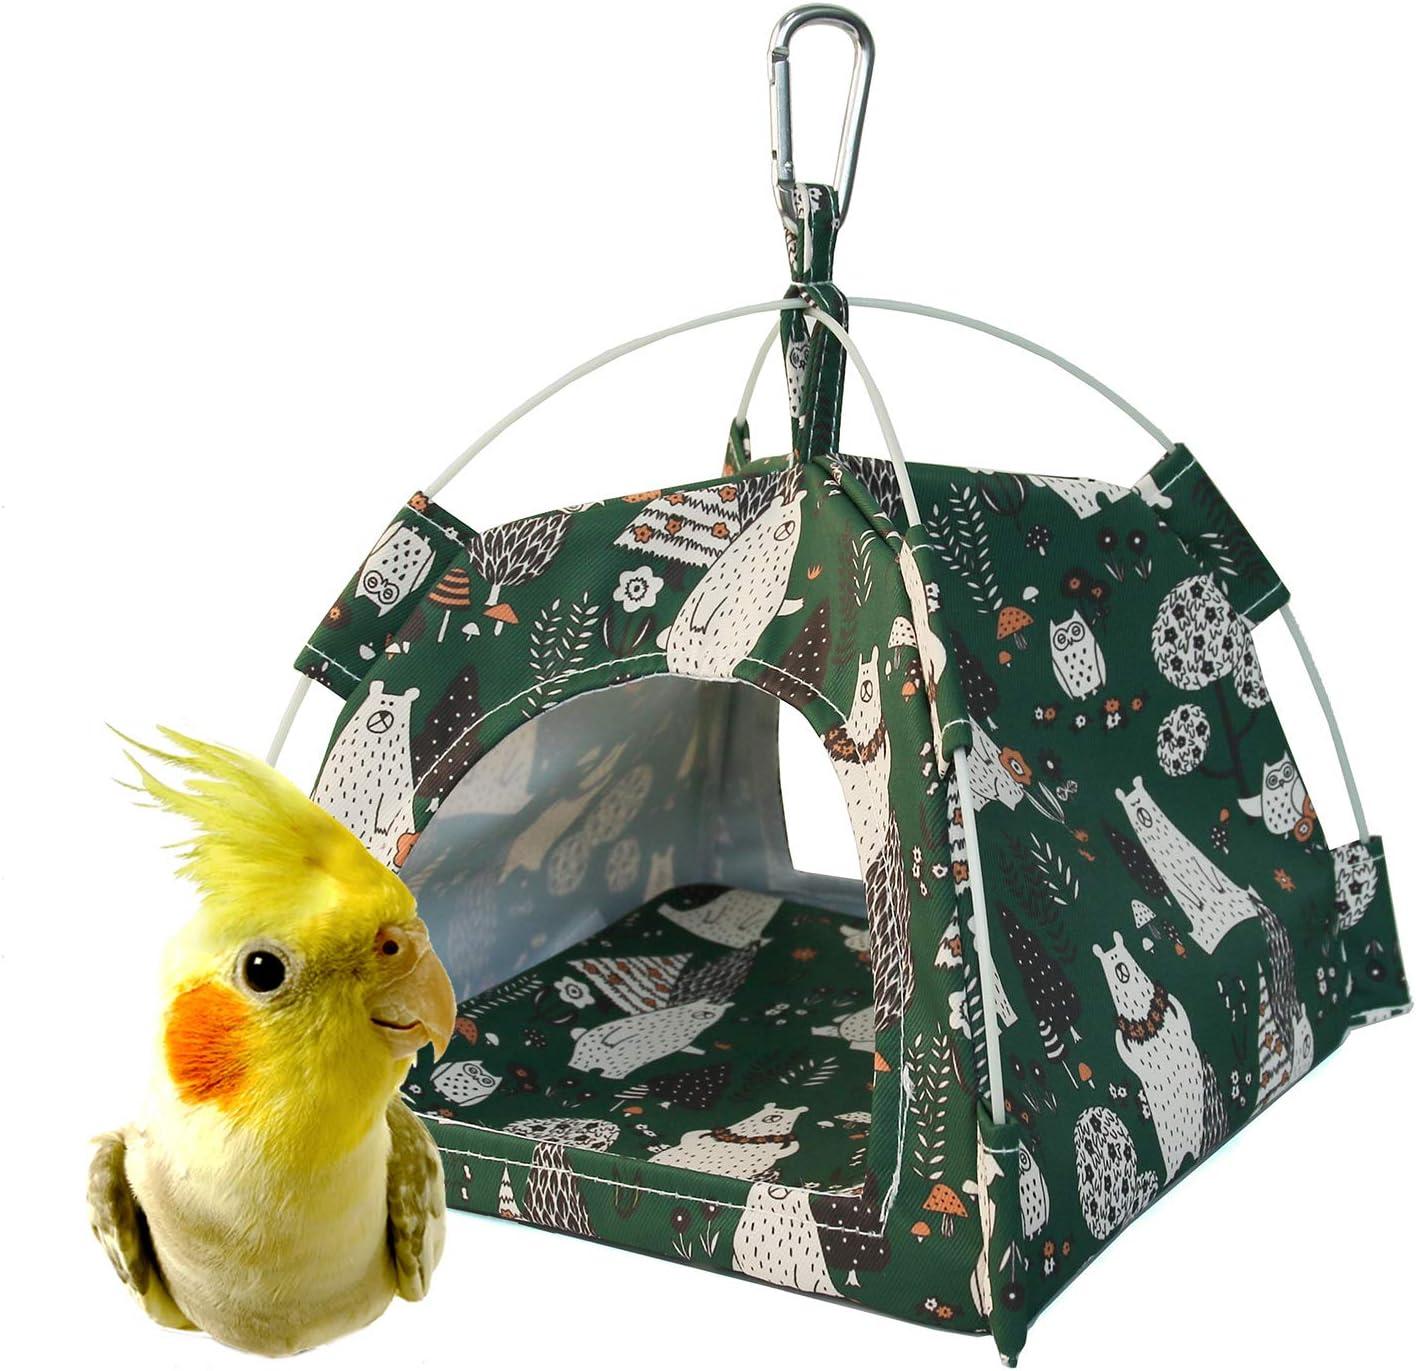 Mydays Superlatite Bird Nest House Bed Manufacturer direct delivery Cave Parrot Hamster Hanging Habitat